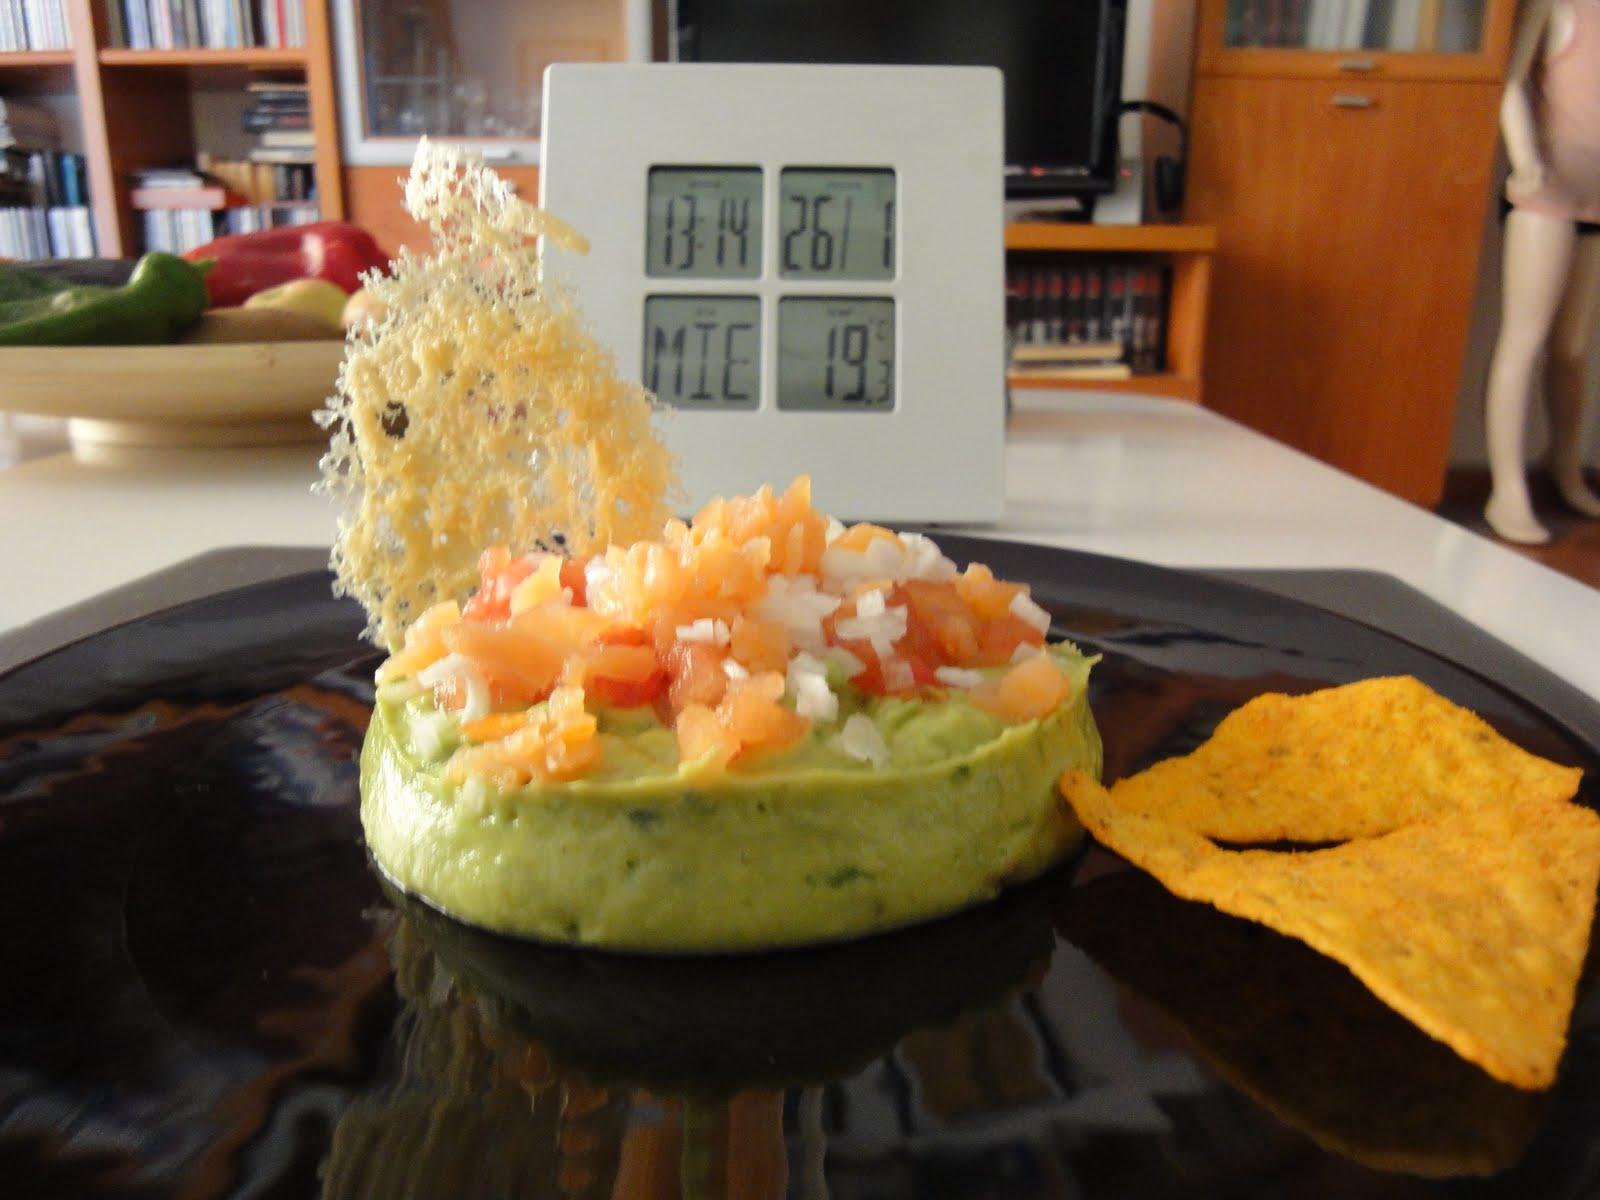 Clases de cocina zaragoza guacamole con salm n - Cursos de cocina zaragoza ...